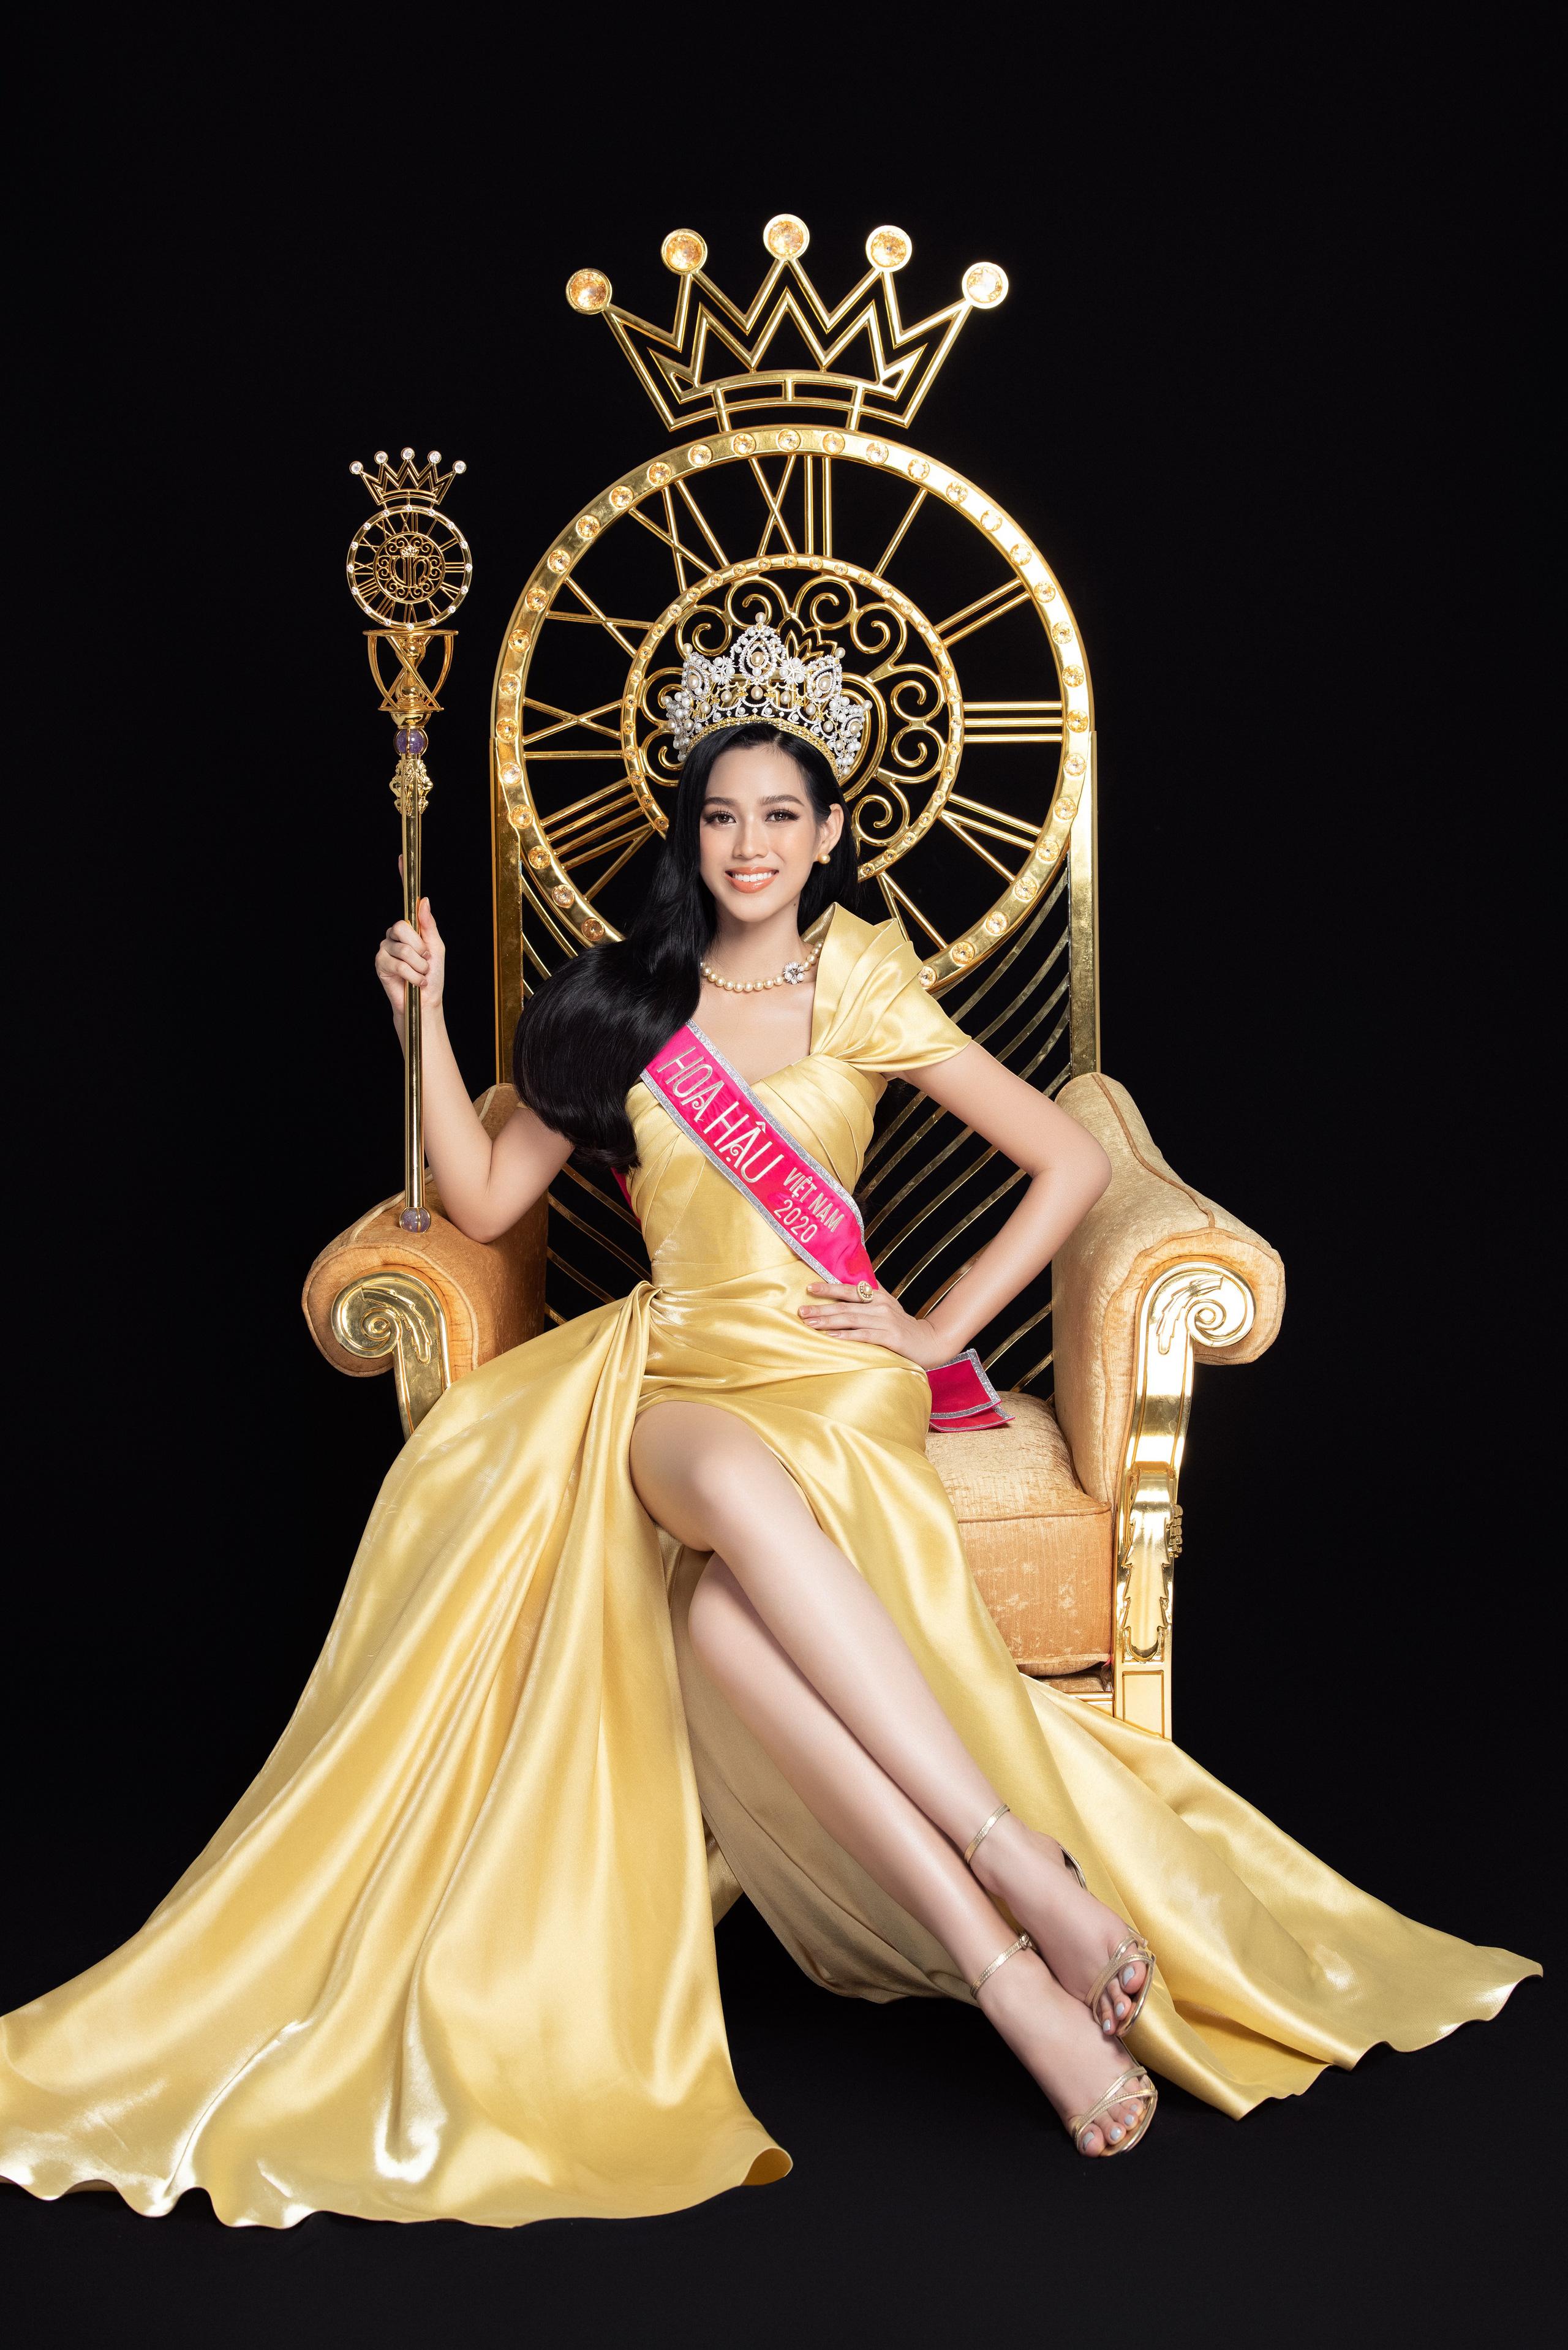 Soi nhan sắc Hoa hậu Đỗ Thị Hà và 2 Á hậu sau một tháng đăng quang - Ảnh 4.